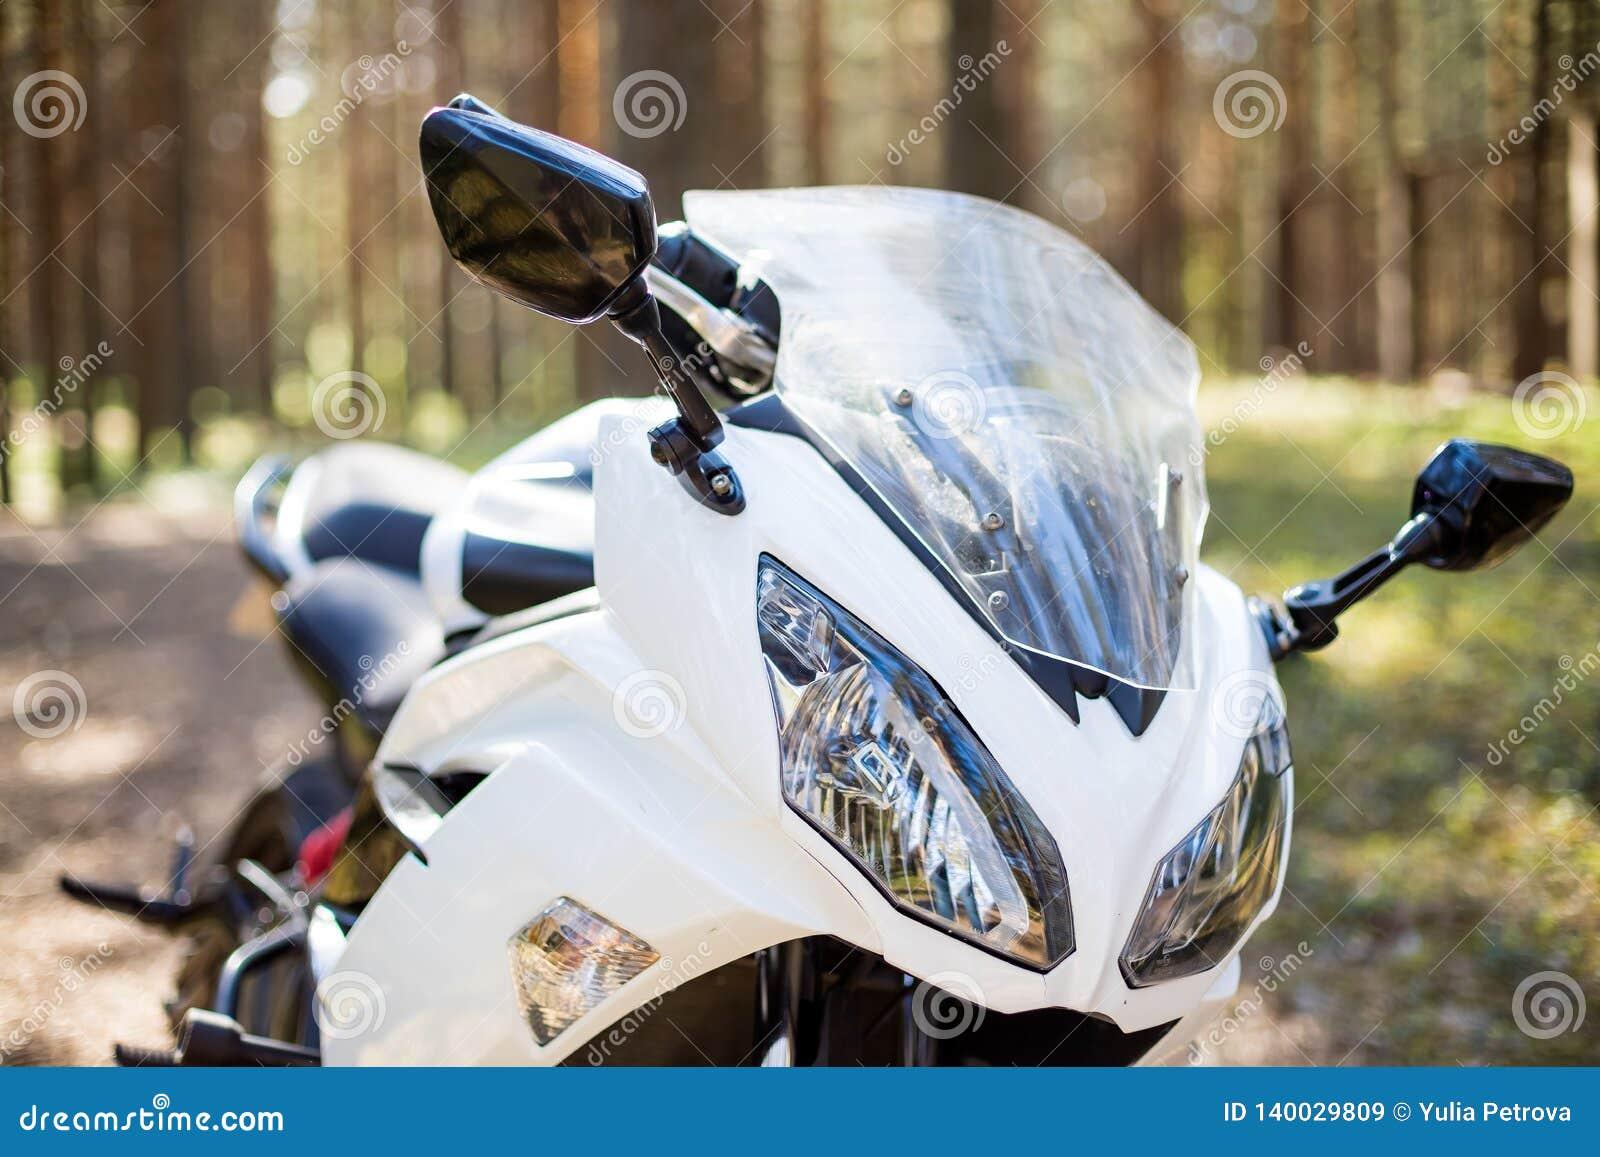 Weißes Motorrad, Lenkrad sonniges Wetter im Wald mit moto Tourismus und Erholungskonzept, Scheinwerfer von a